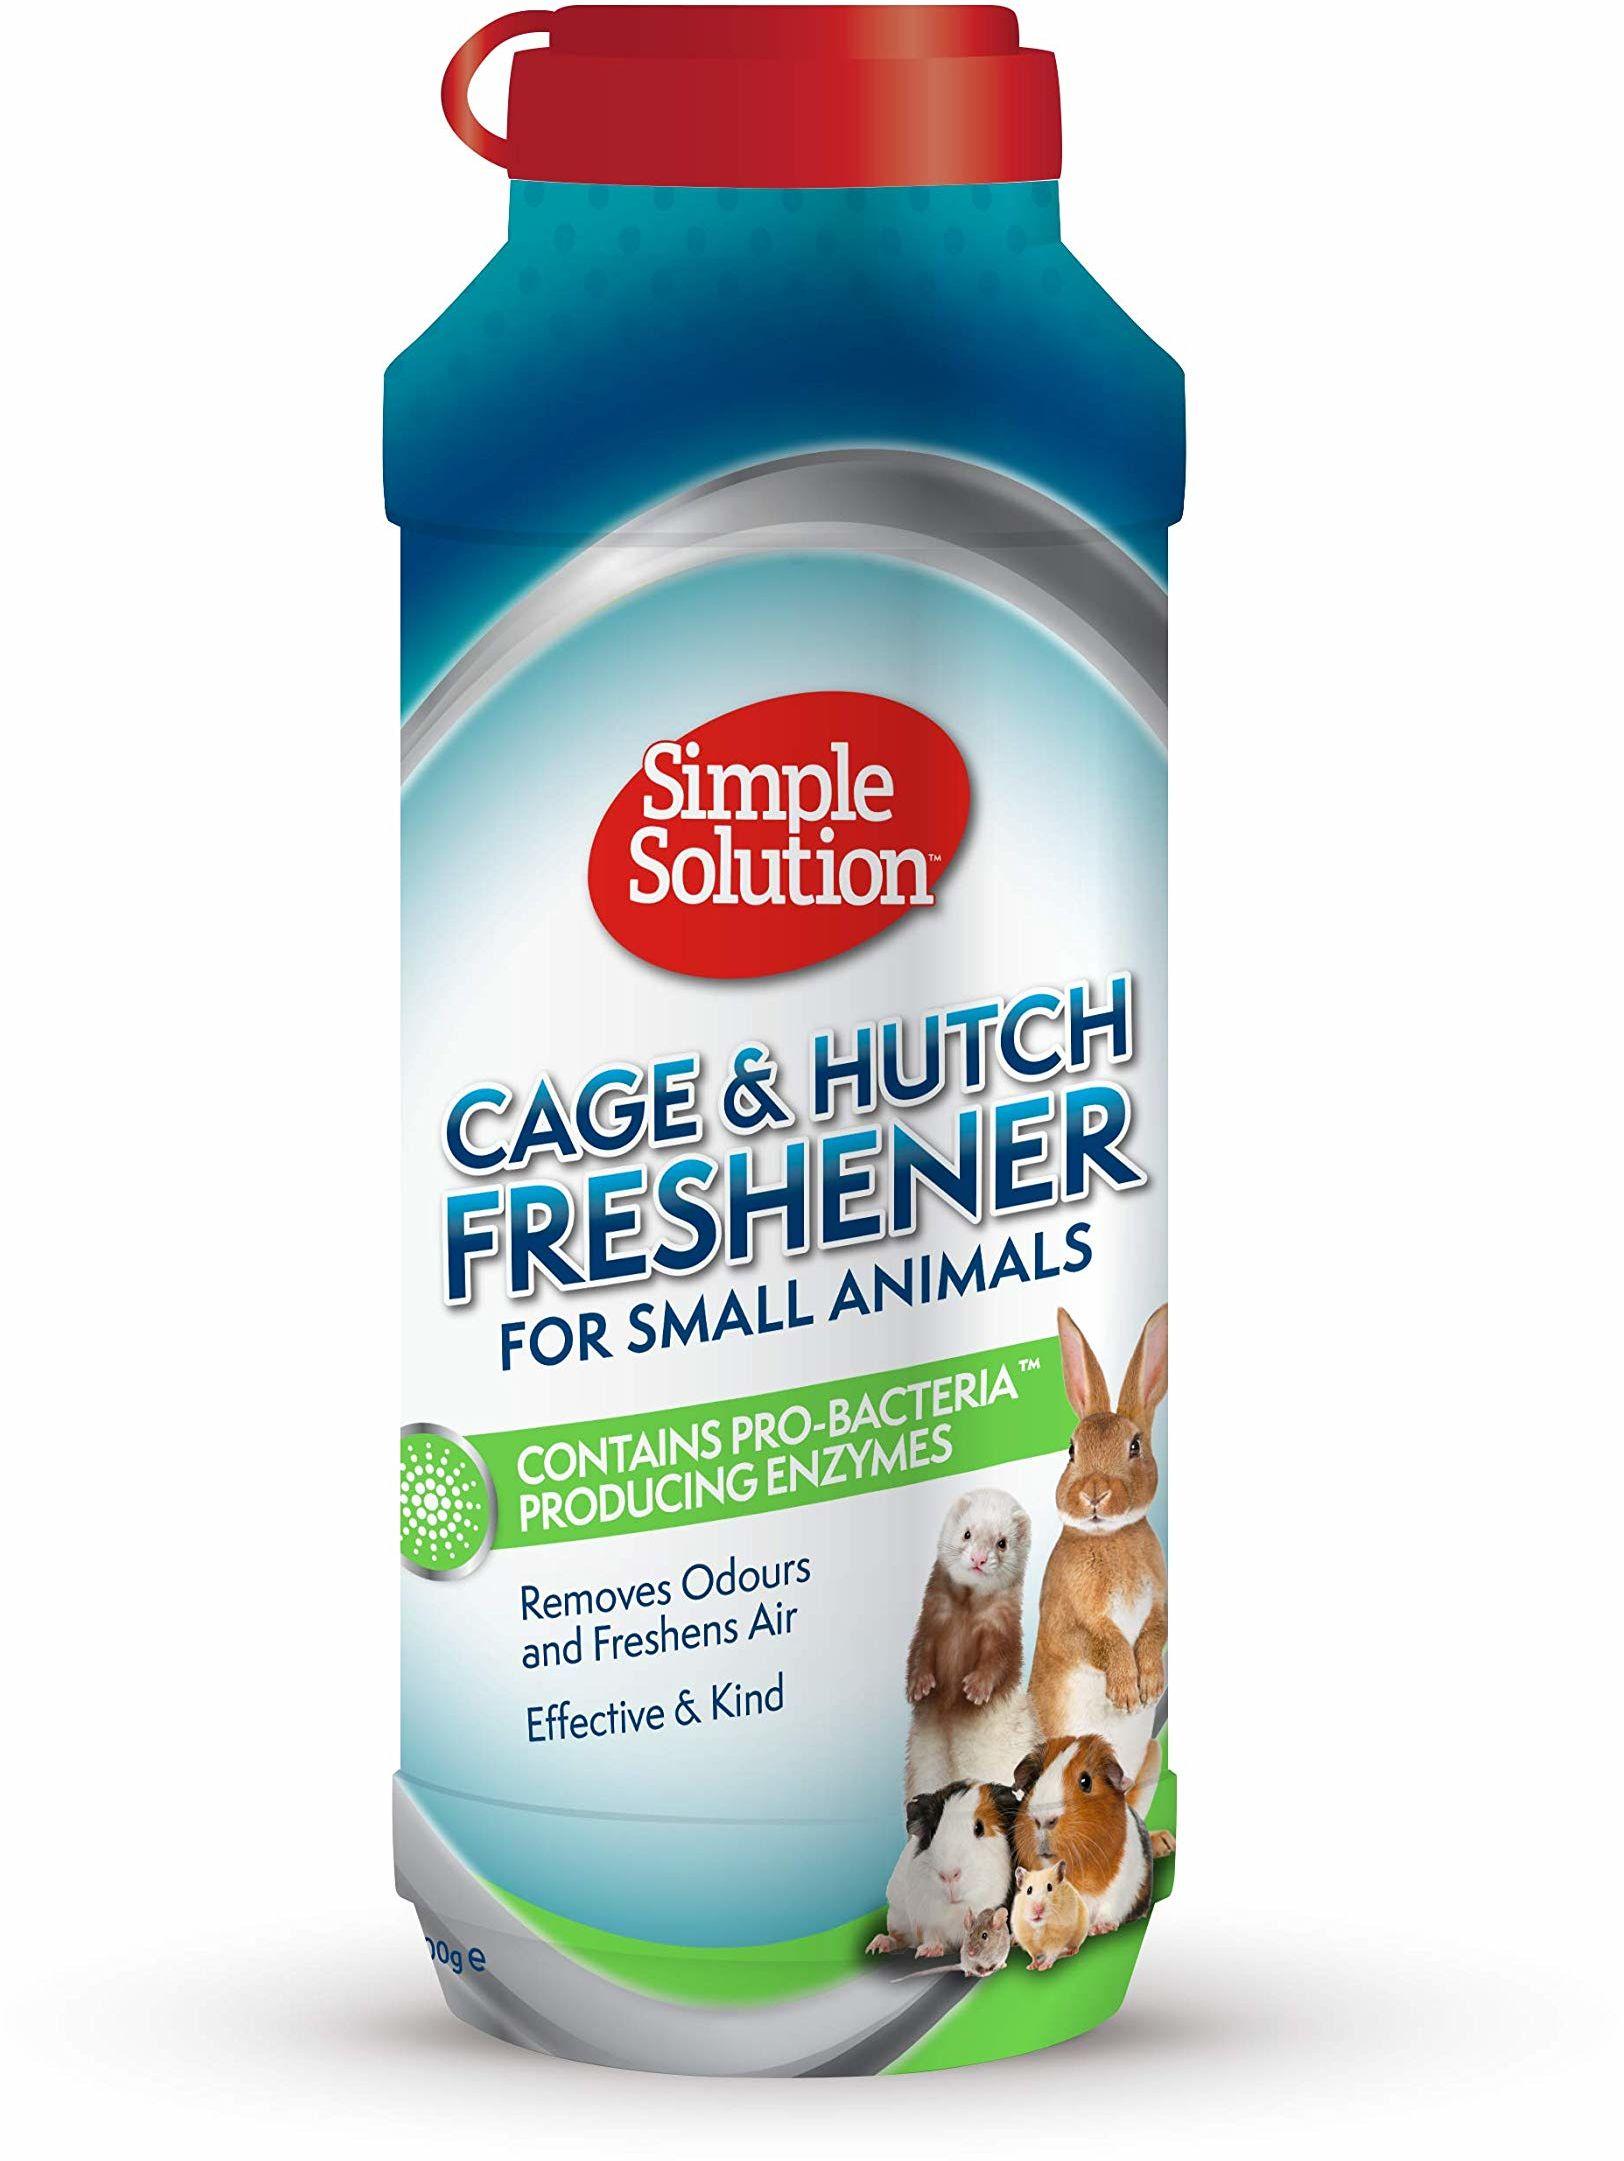 Simple Solution 90559-4p klatka granulatu odświeżającego, czyści i odświeża klatki, schroniska dla psów i wielu innych łatwo i skutecznie